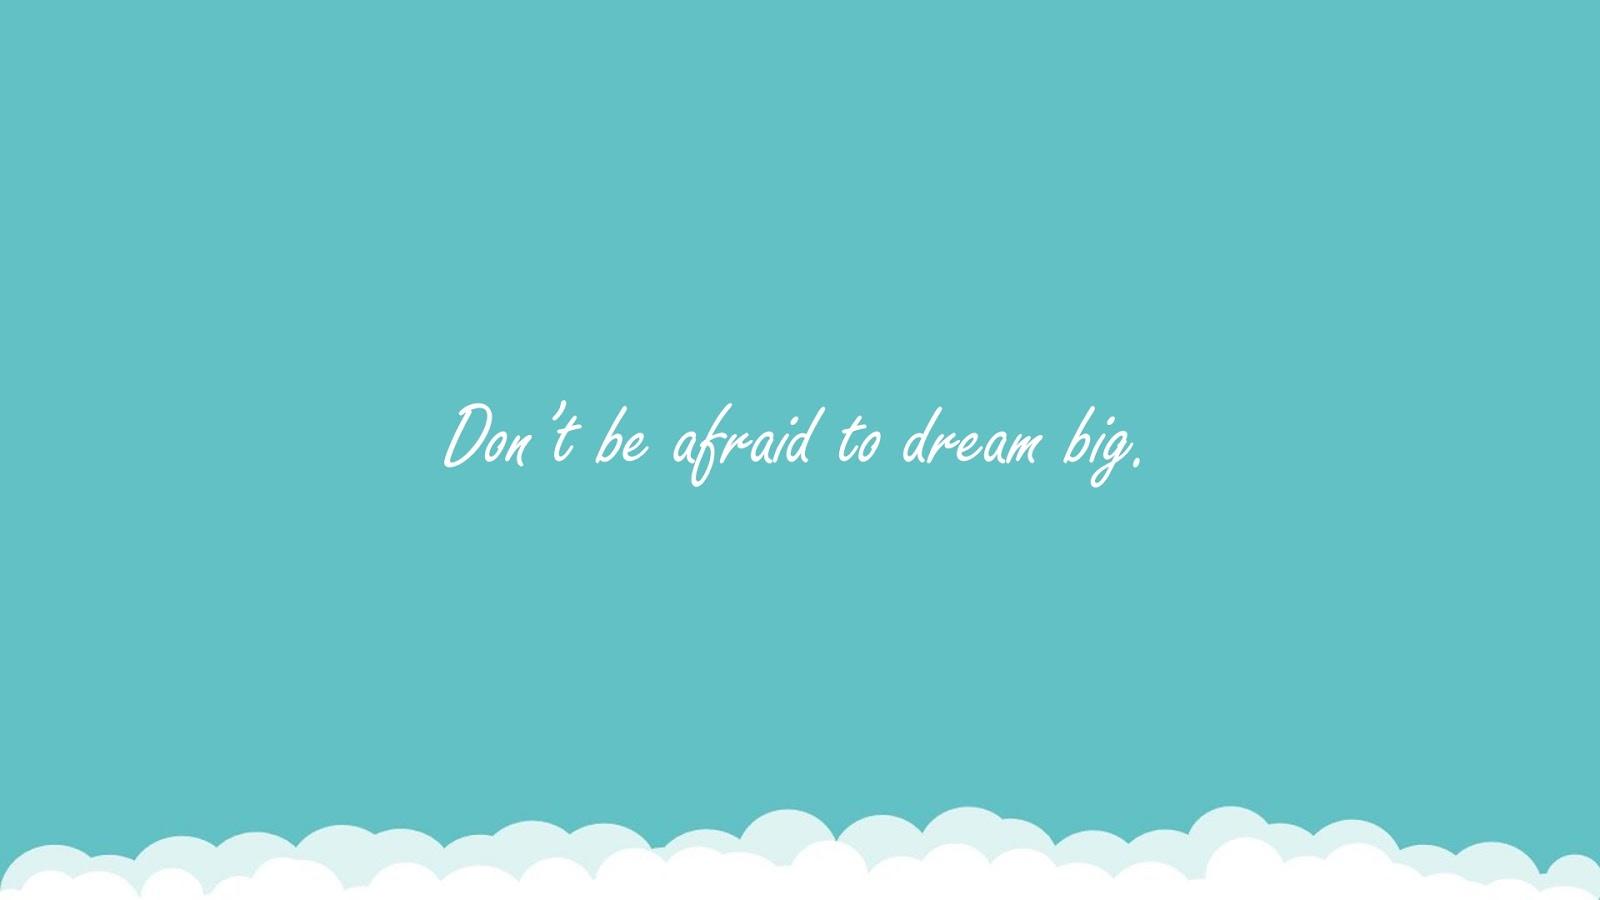 Don't be afraid to dream big.FALSE